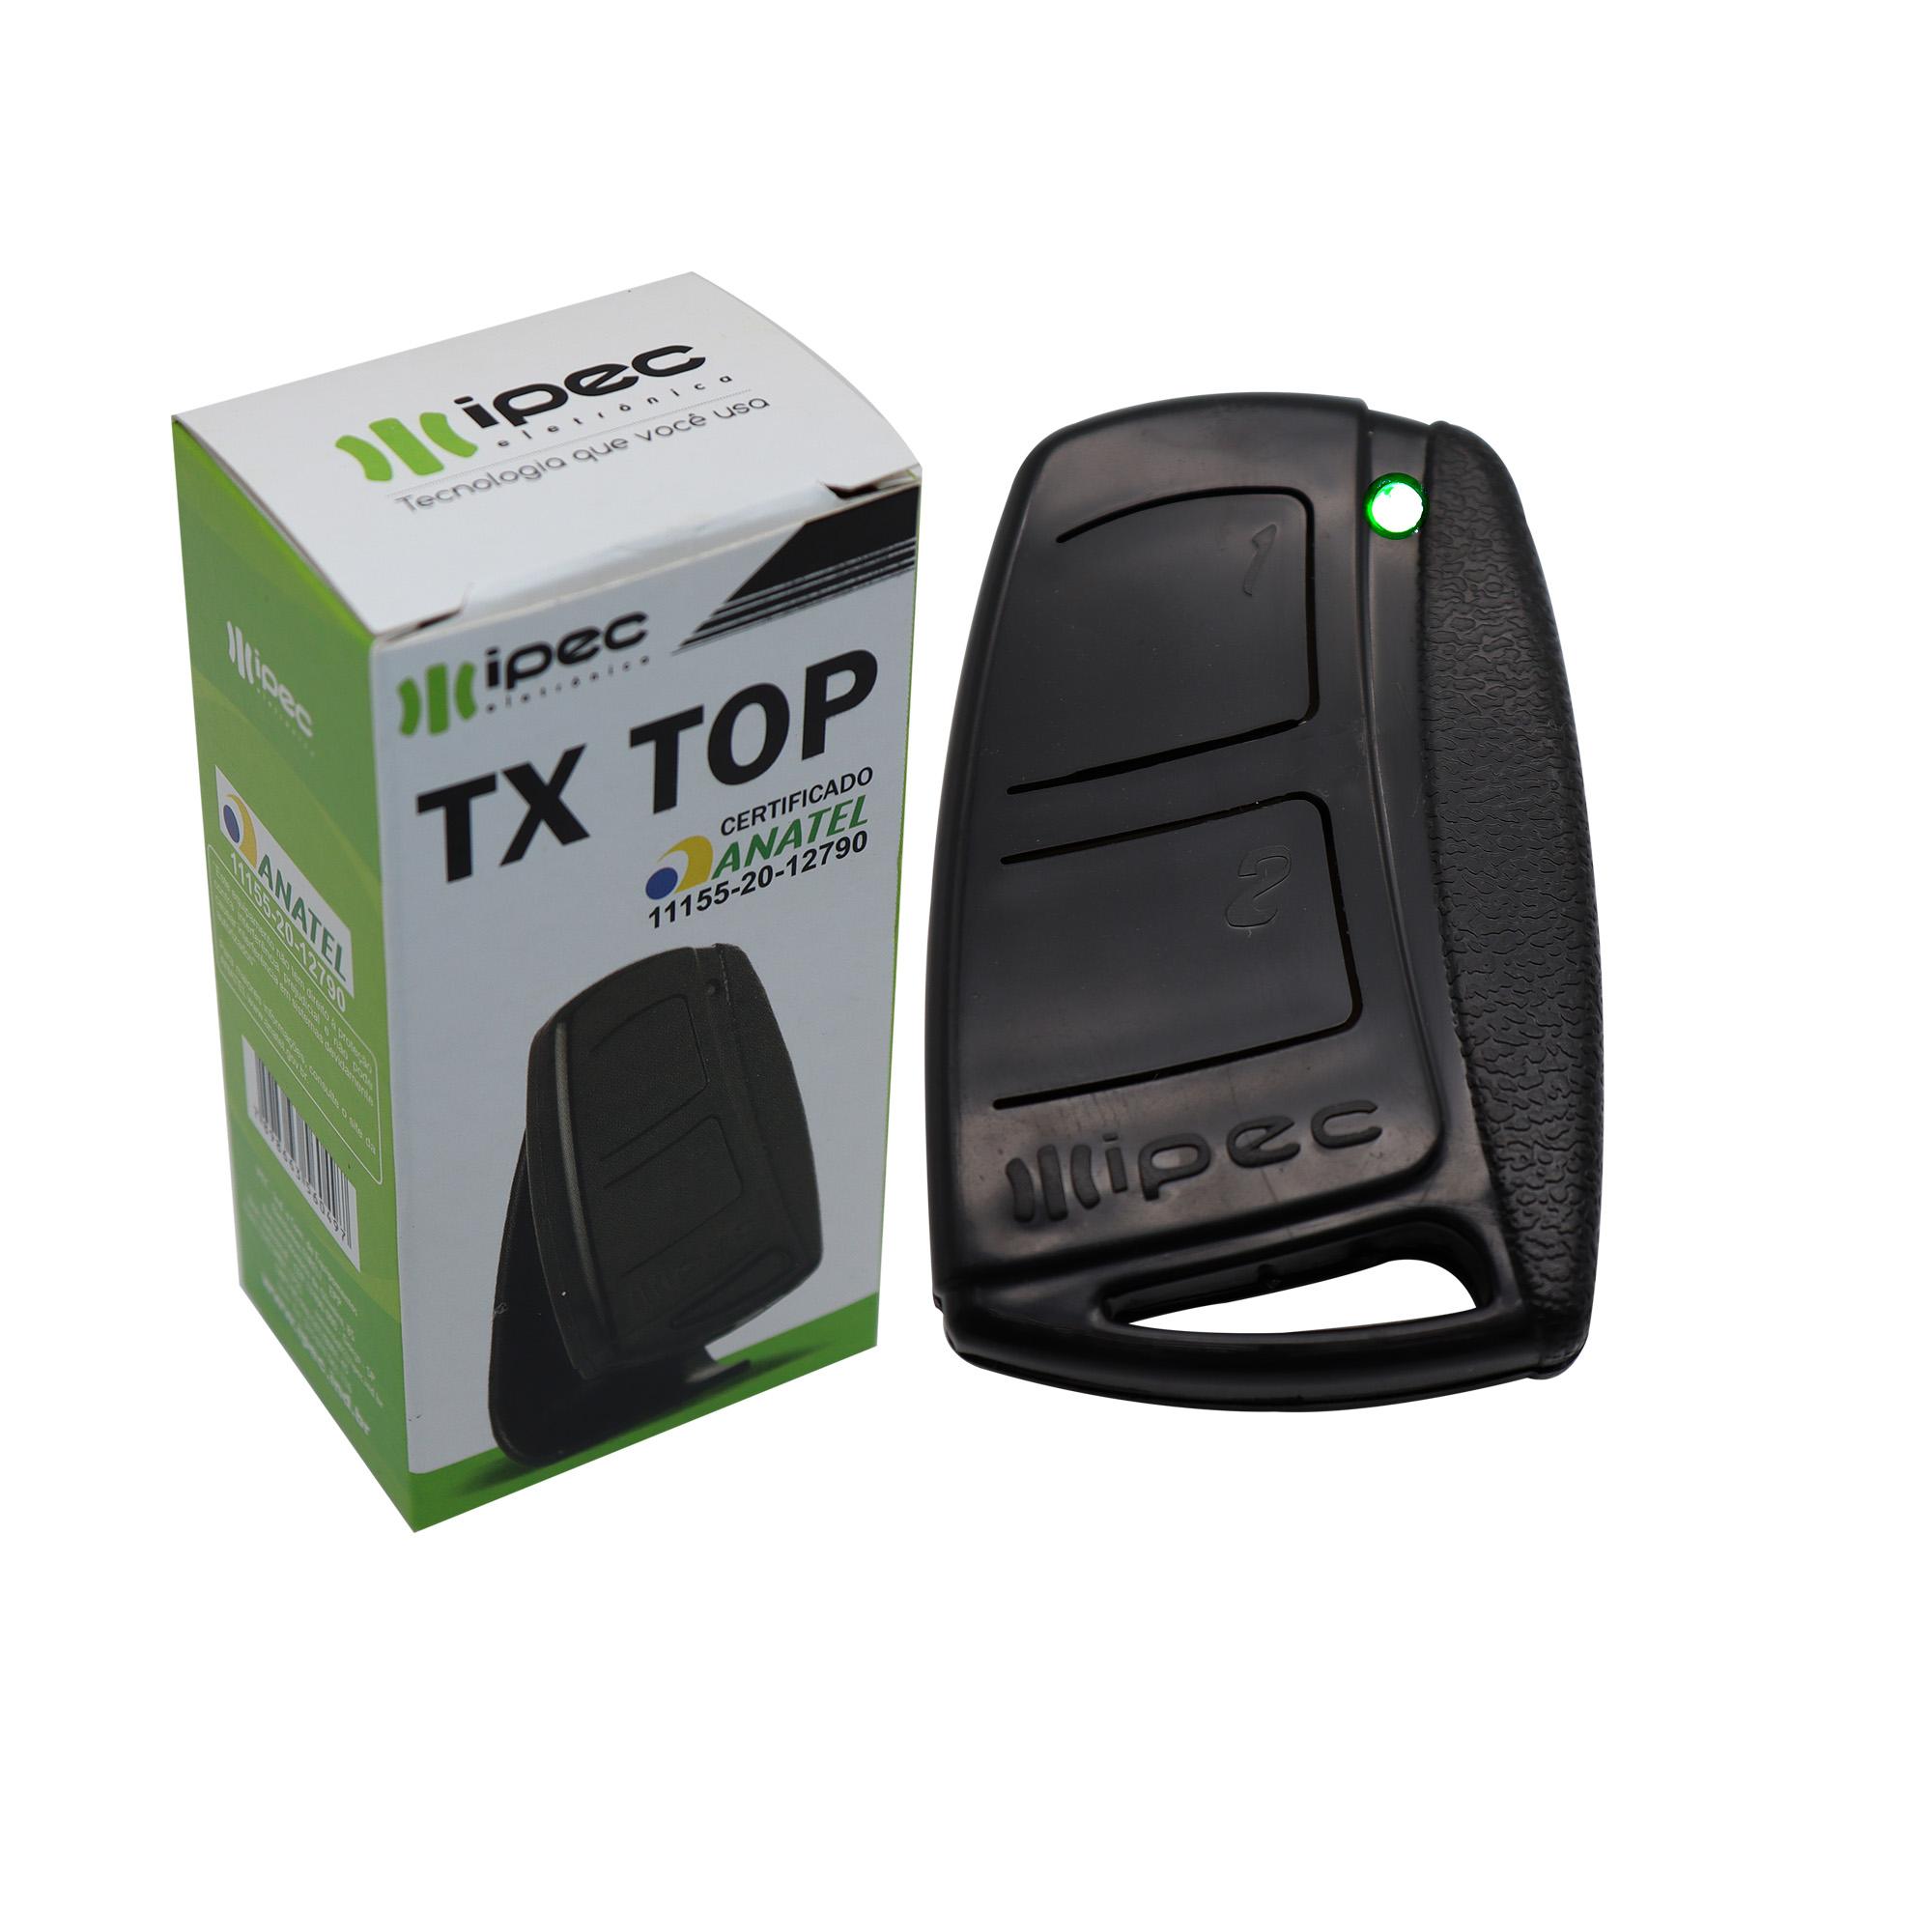 Controle Remoto Tx-Top Ipec 433,92 Mhz